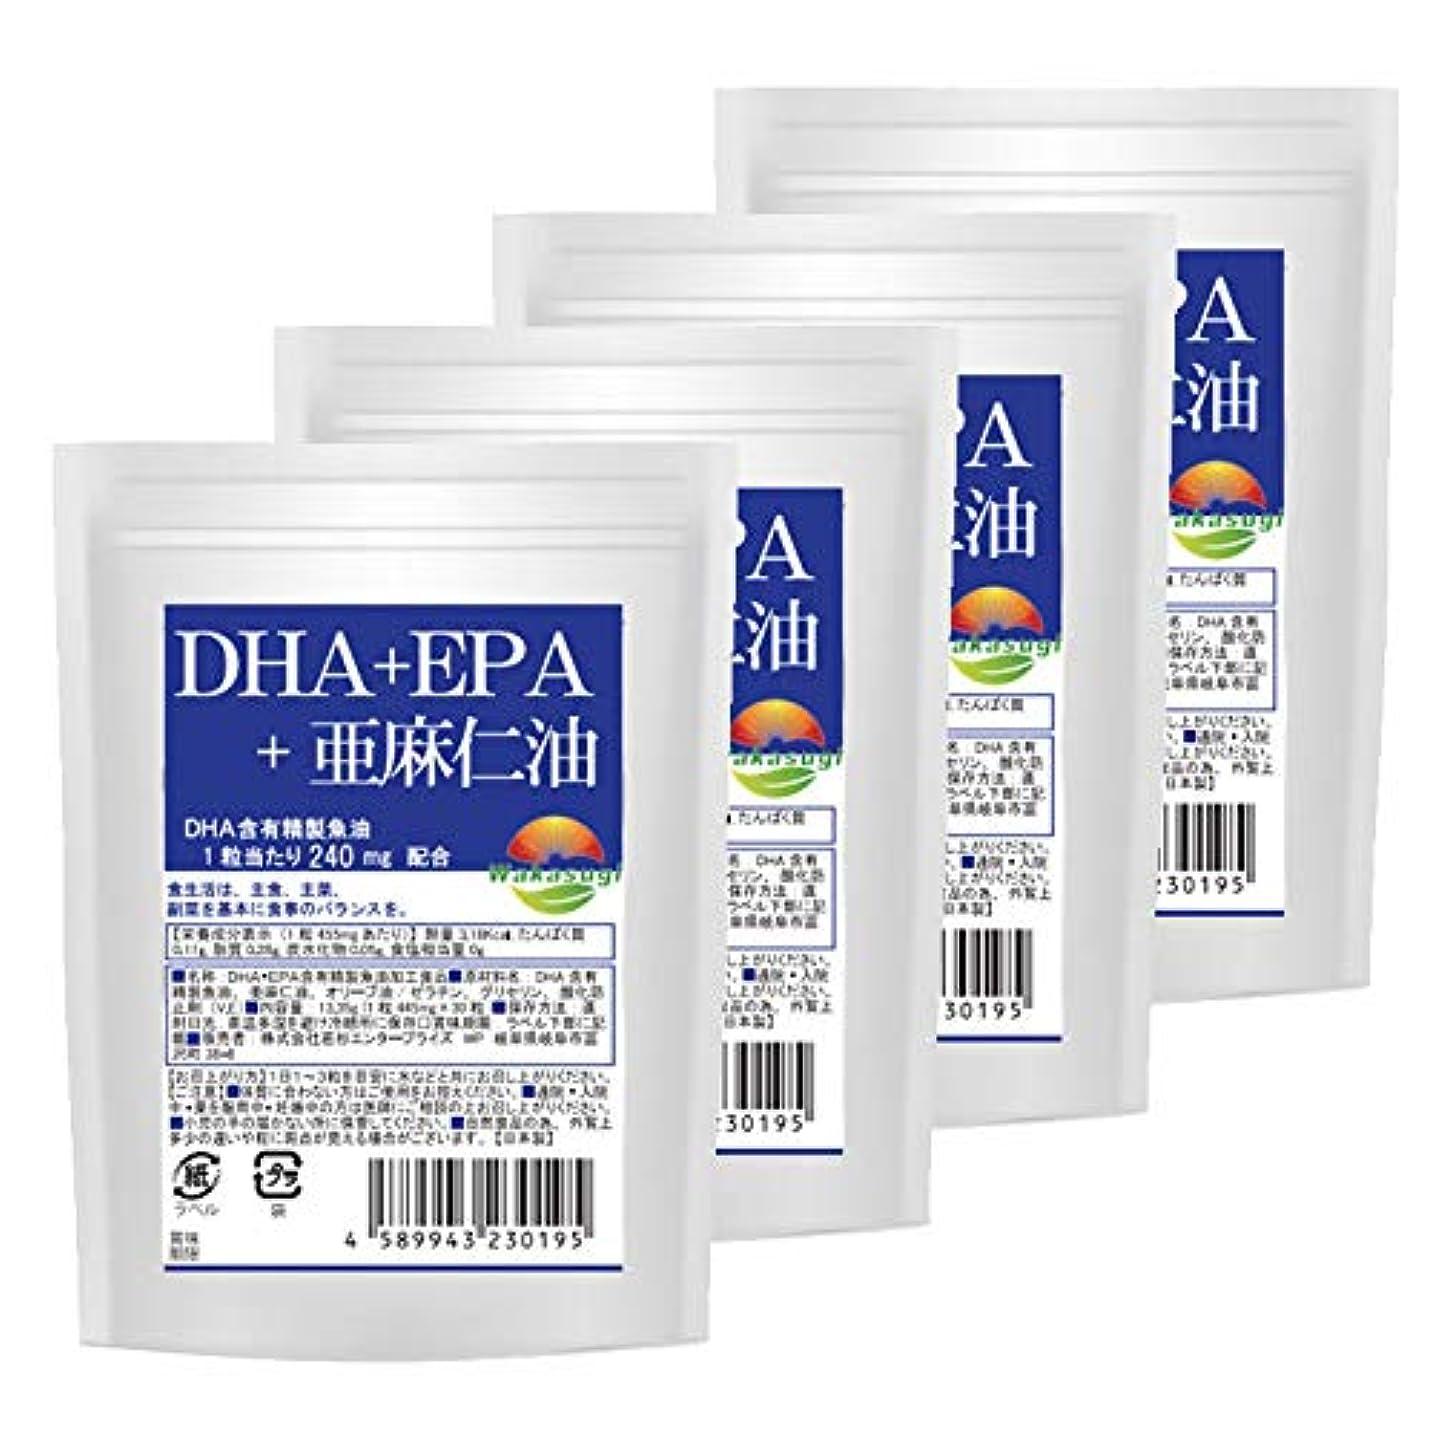 ボードキャベツ大通りDHA+EPA+亜麻仁油 30粒 4袋セット 計120粒 最大4か月分 ソフトカプセルタイプ